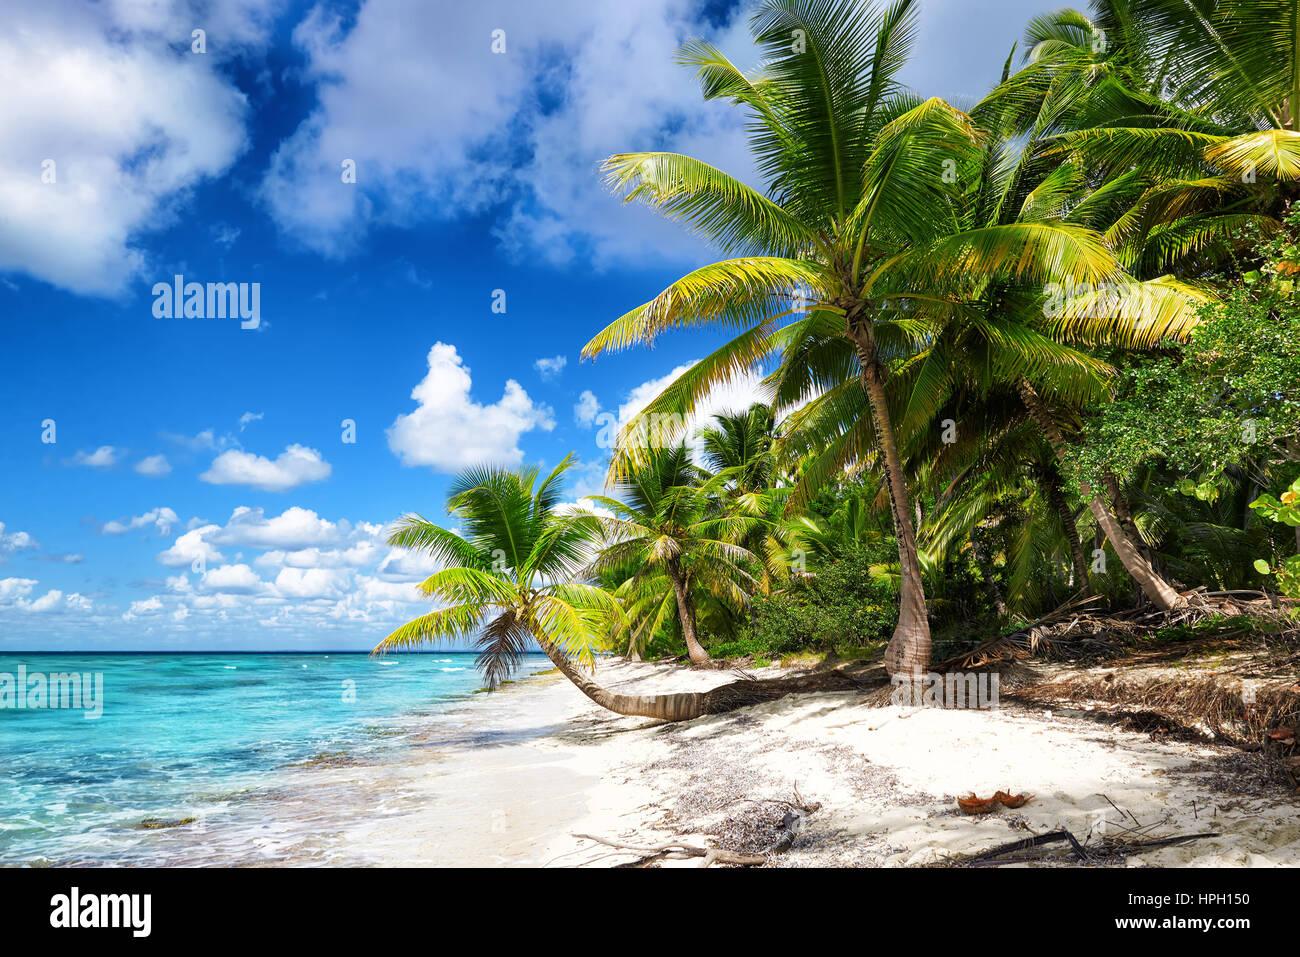 Tropical spiaggia di sabbia bianca con alberi di palma. Saona Island, Repubblica Dominicana Immagini Stock